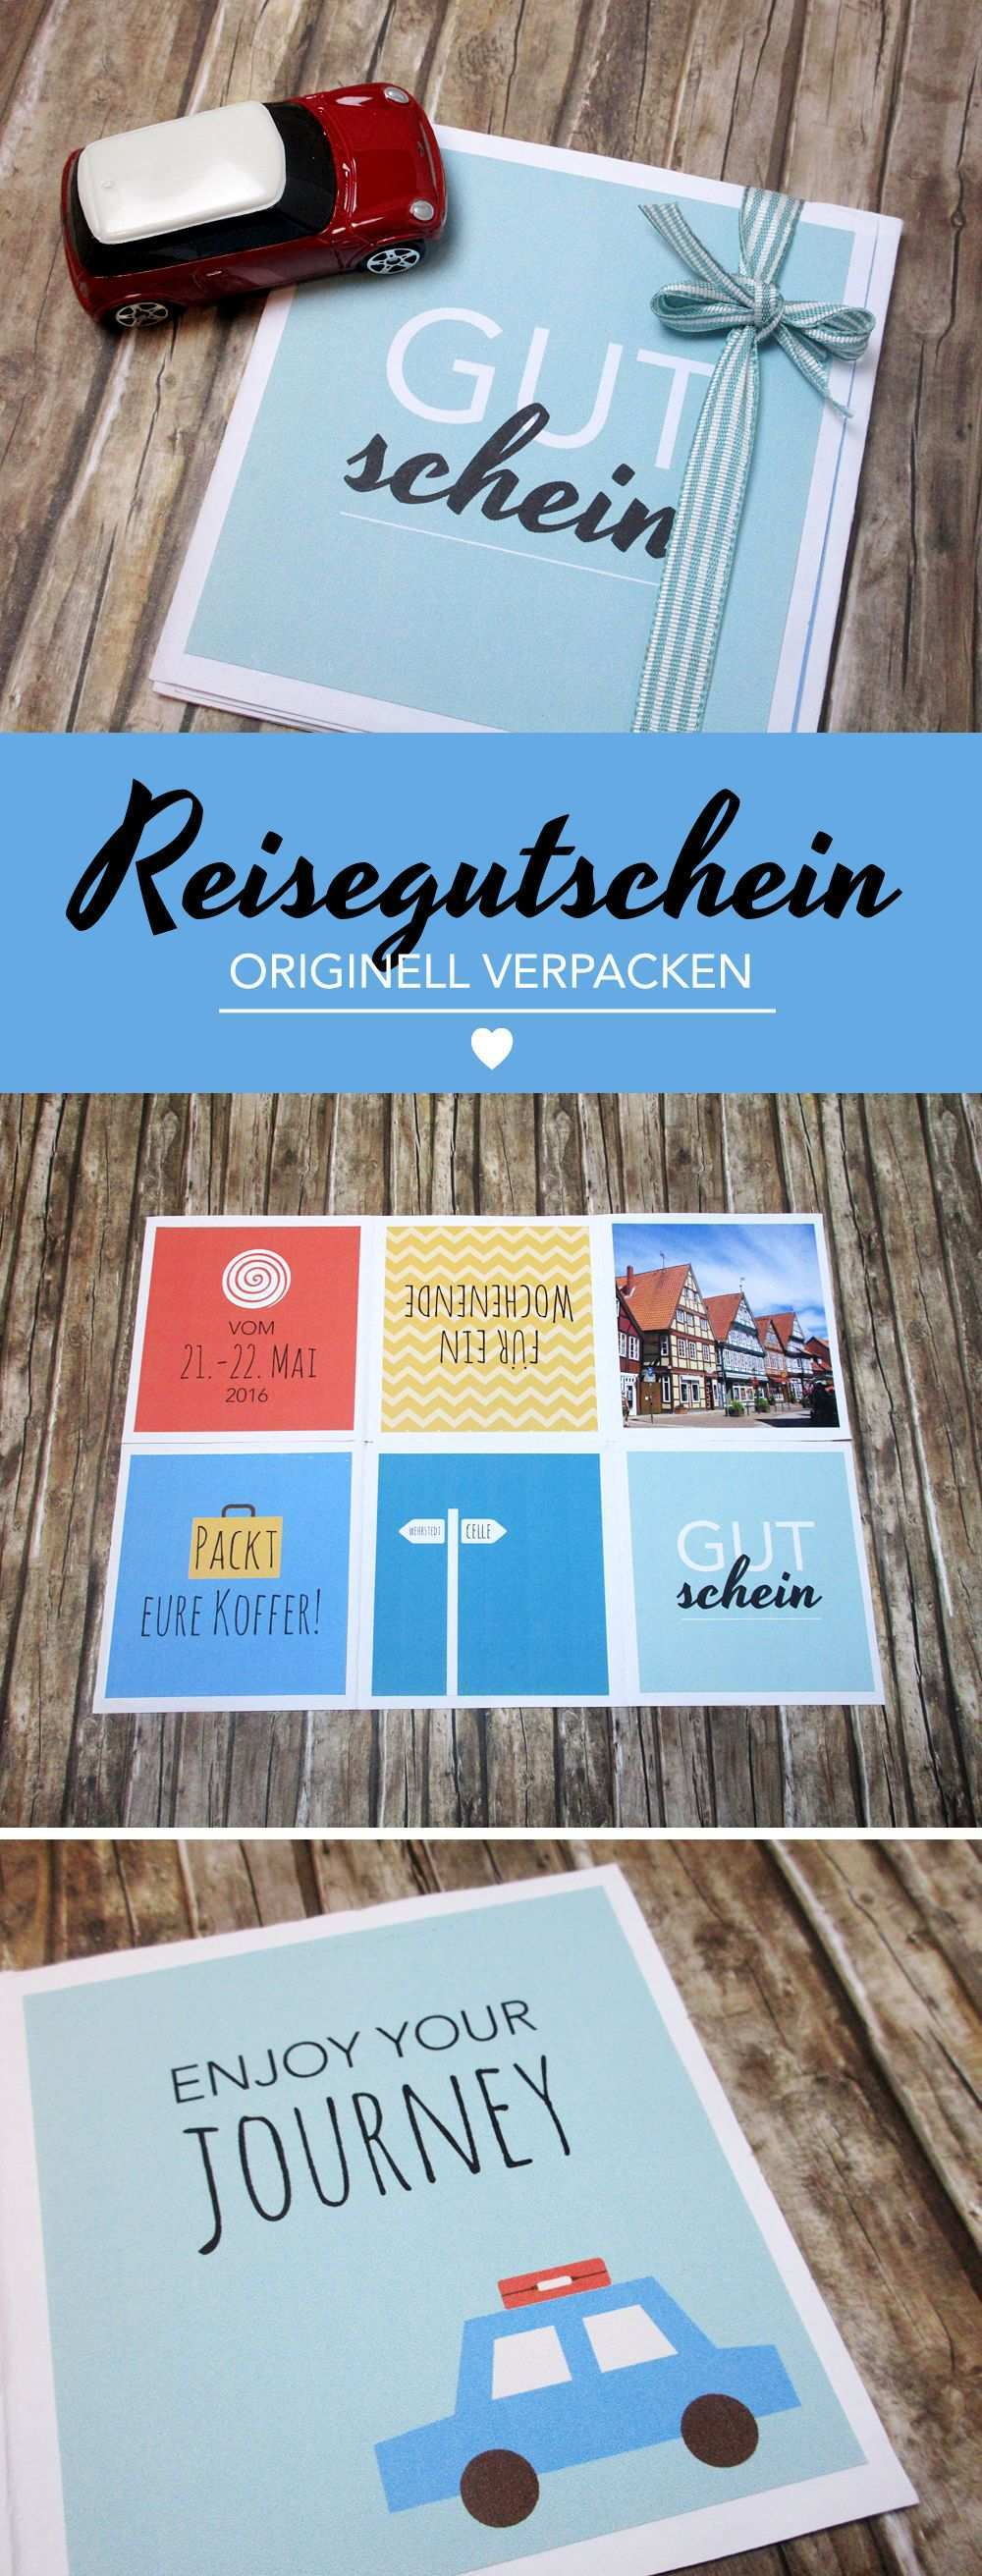 Einen Reisegutschein Originell Verpacken Gifts Of Love Reisegutschein Gutschein Verpacken Reise Geschenke Verpacken Gutschein